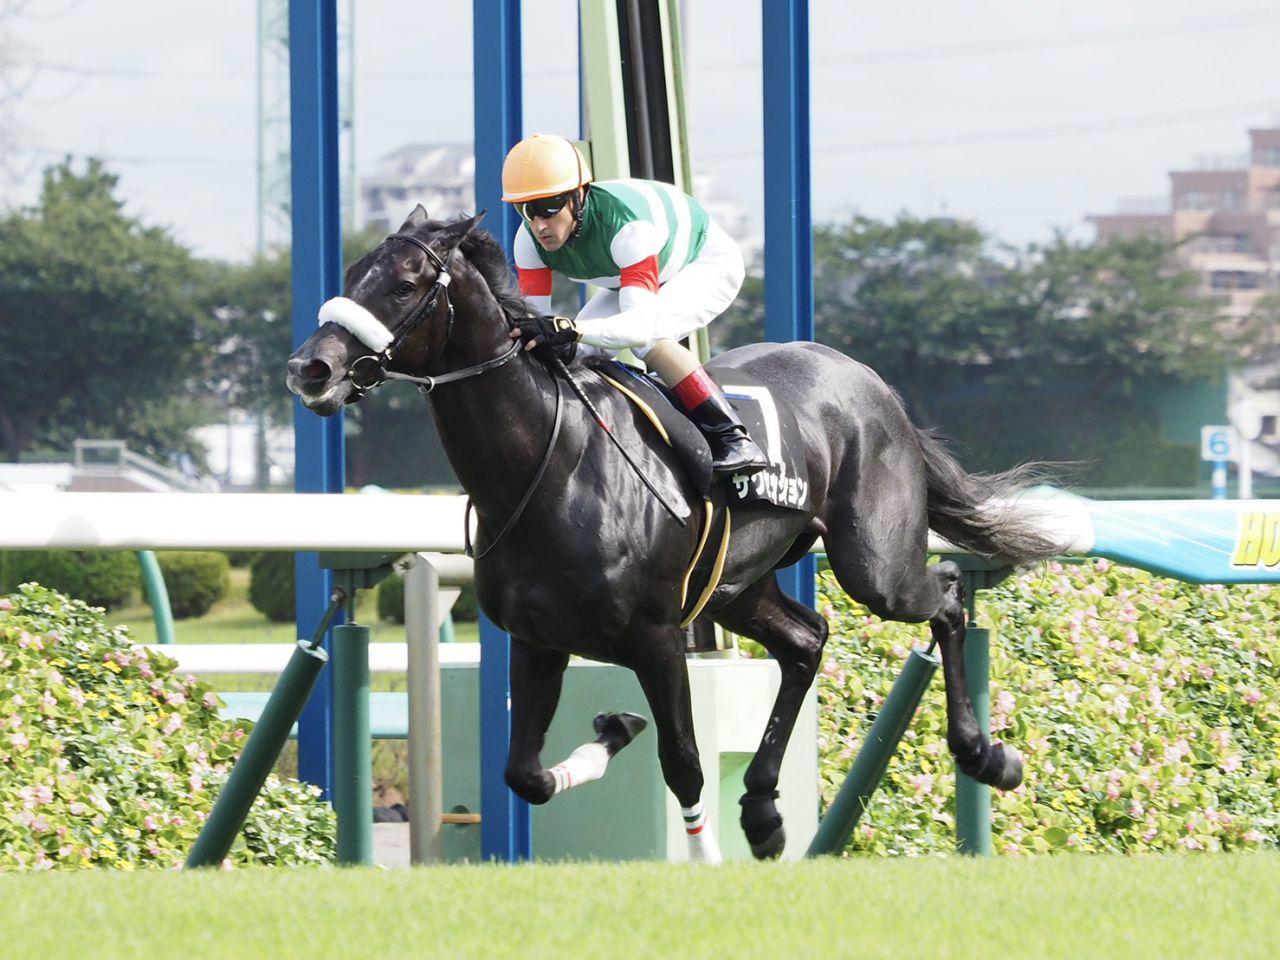 【アスター賞】サクセッションが圧倒的人気に応えてデビュー2連勝!